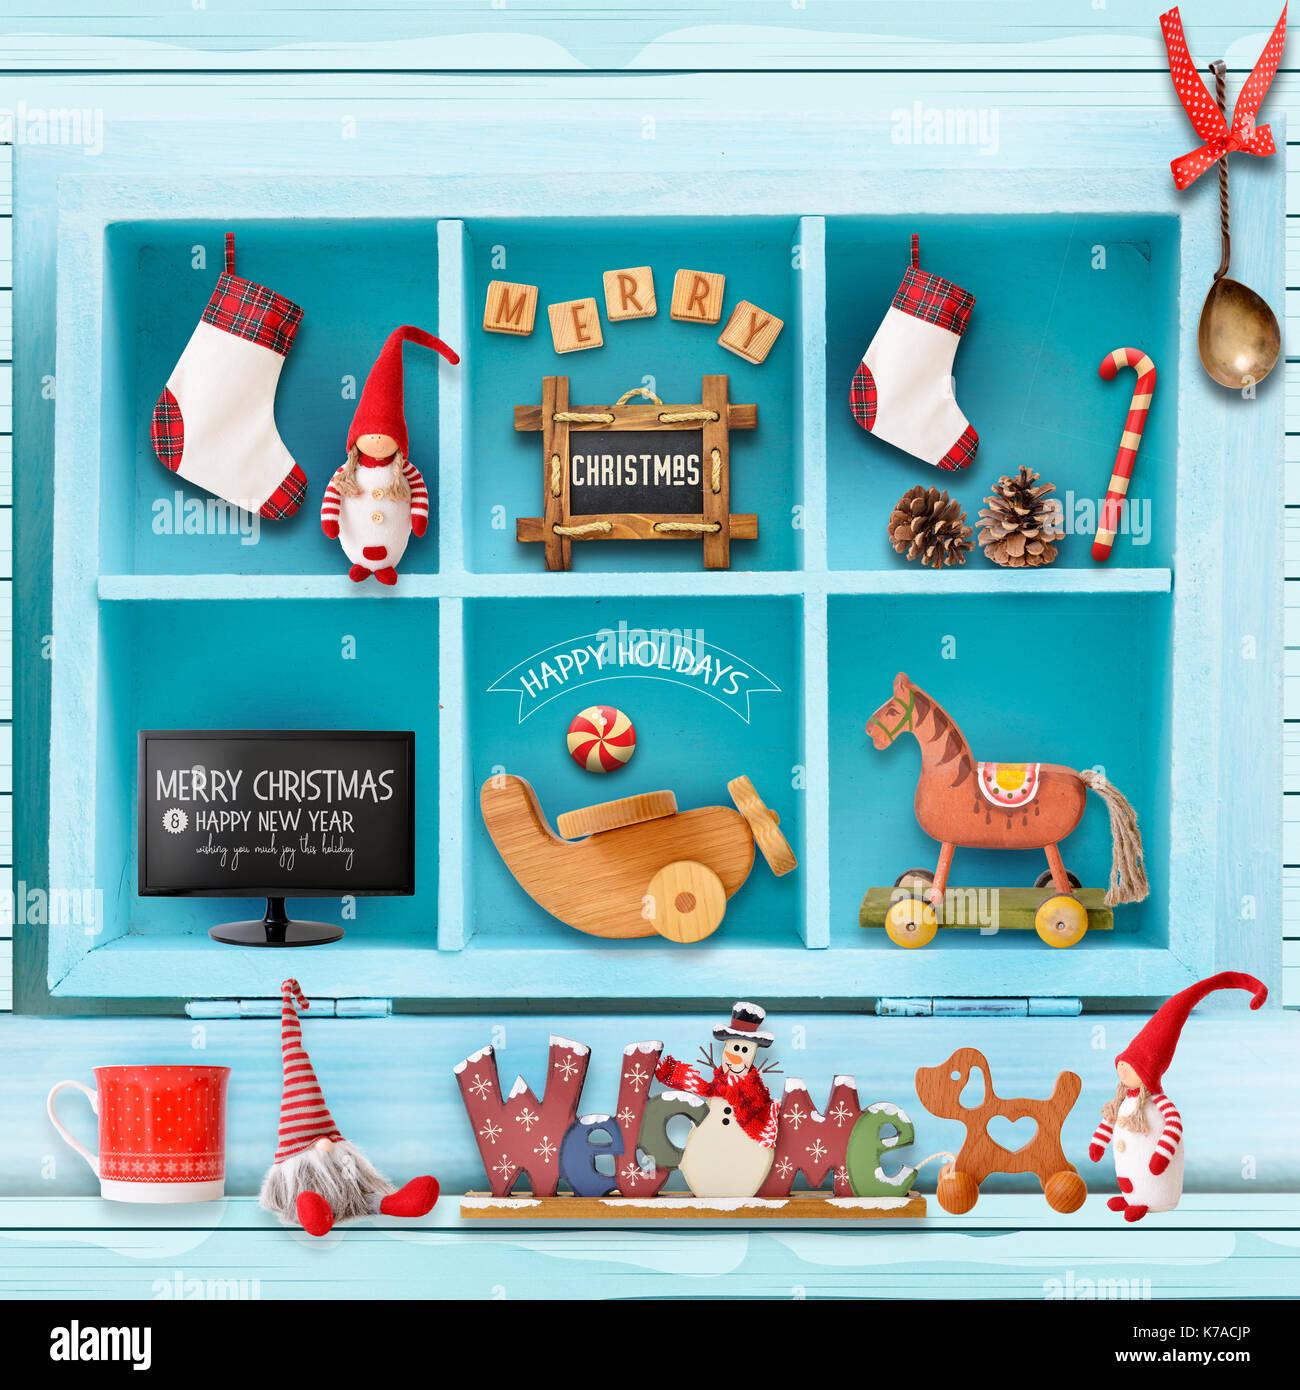 Weihnachten Grusskarten Mit Xmas Elemente In Blauen Schrank